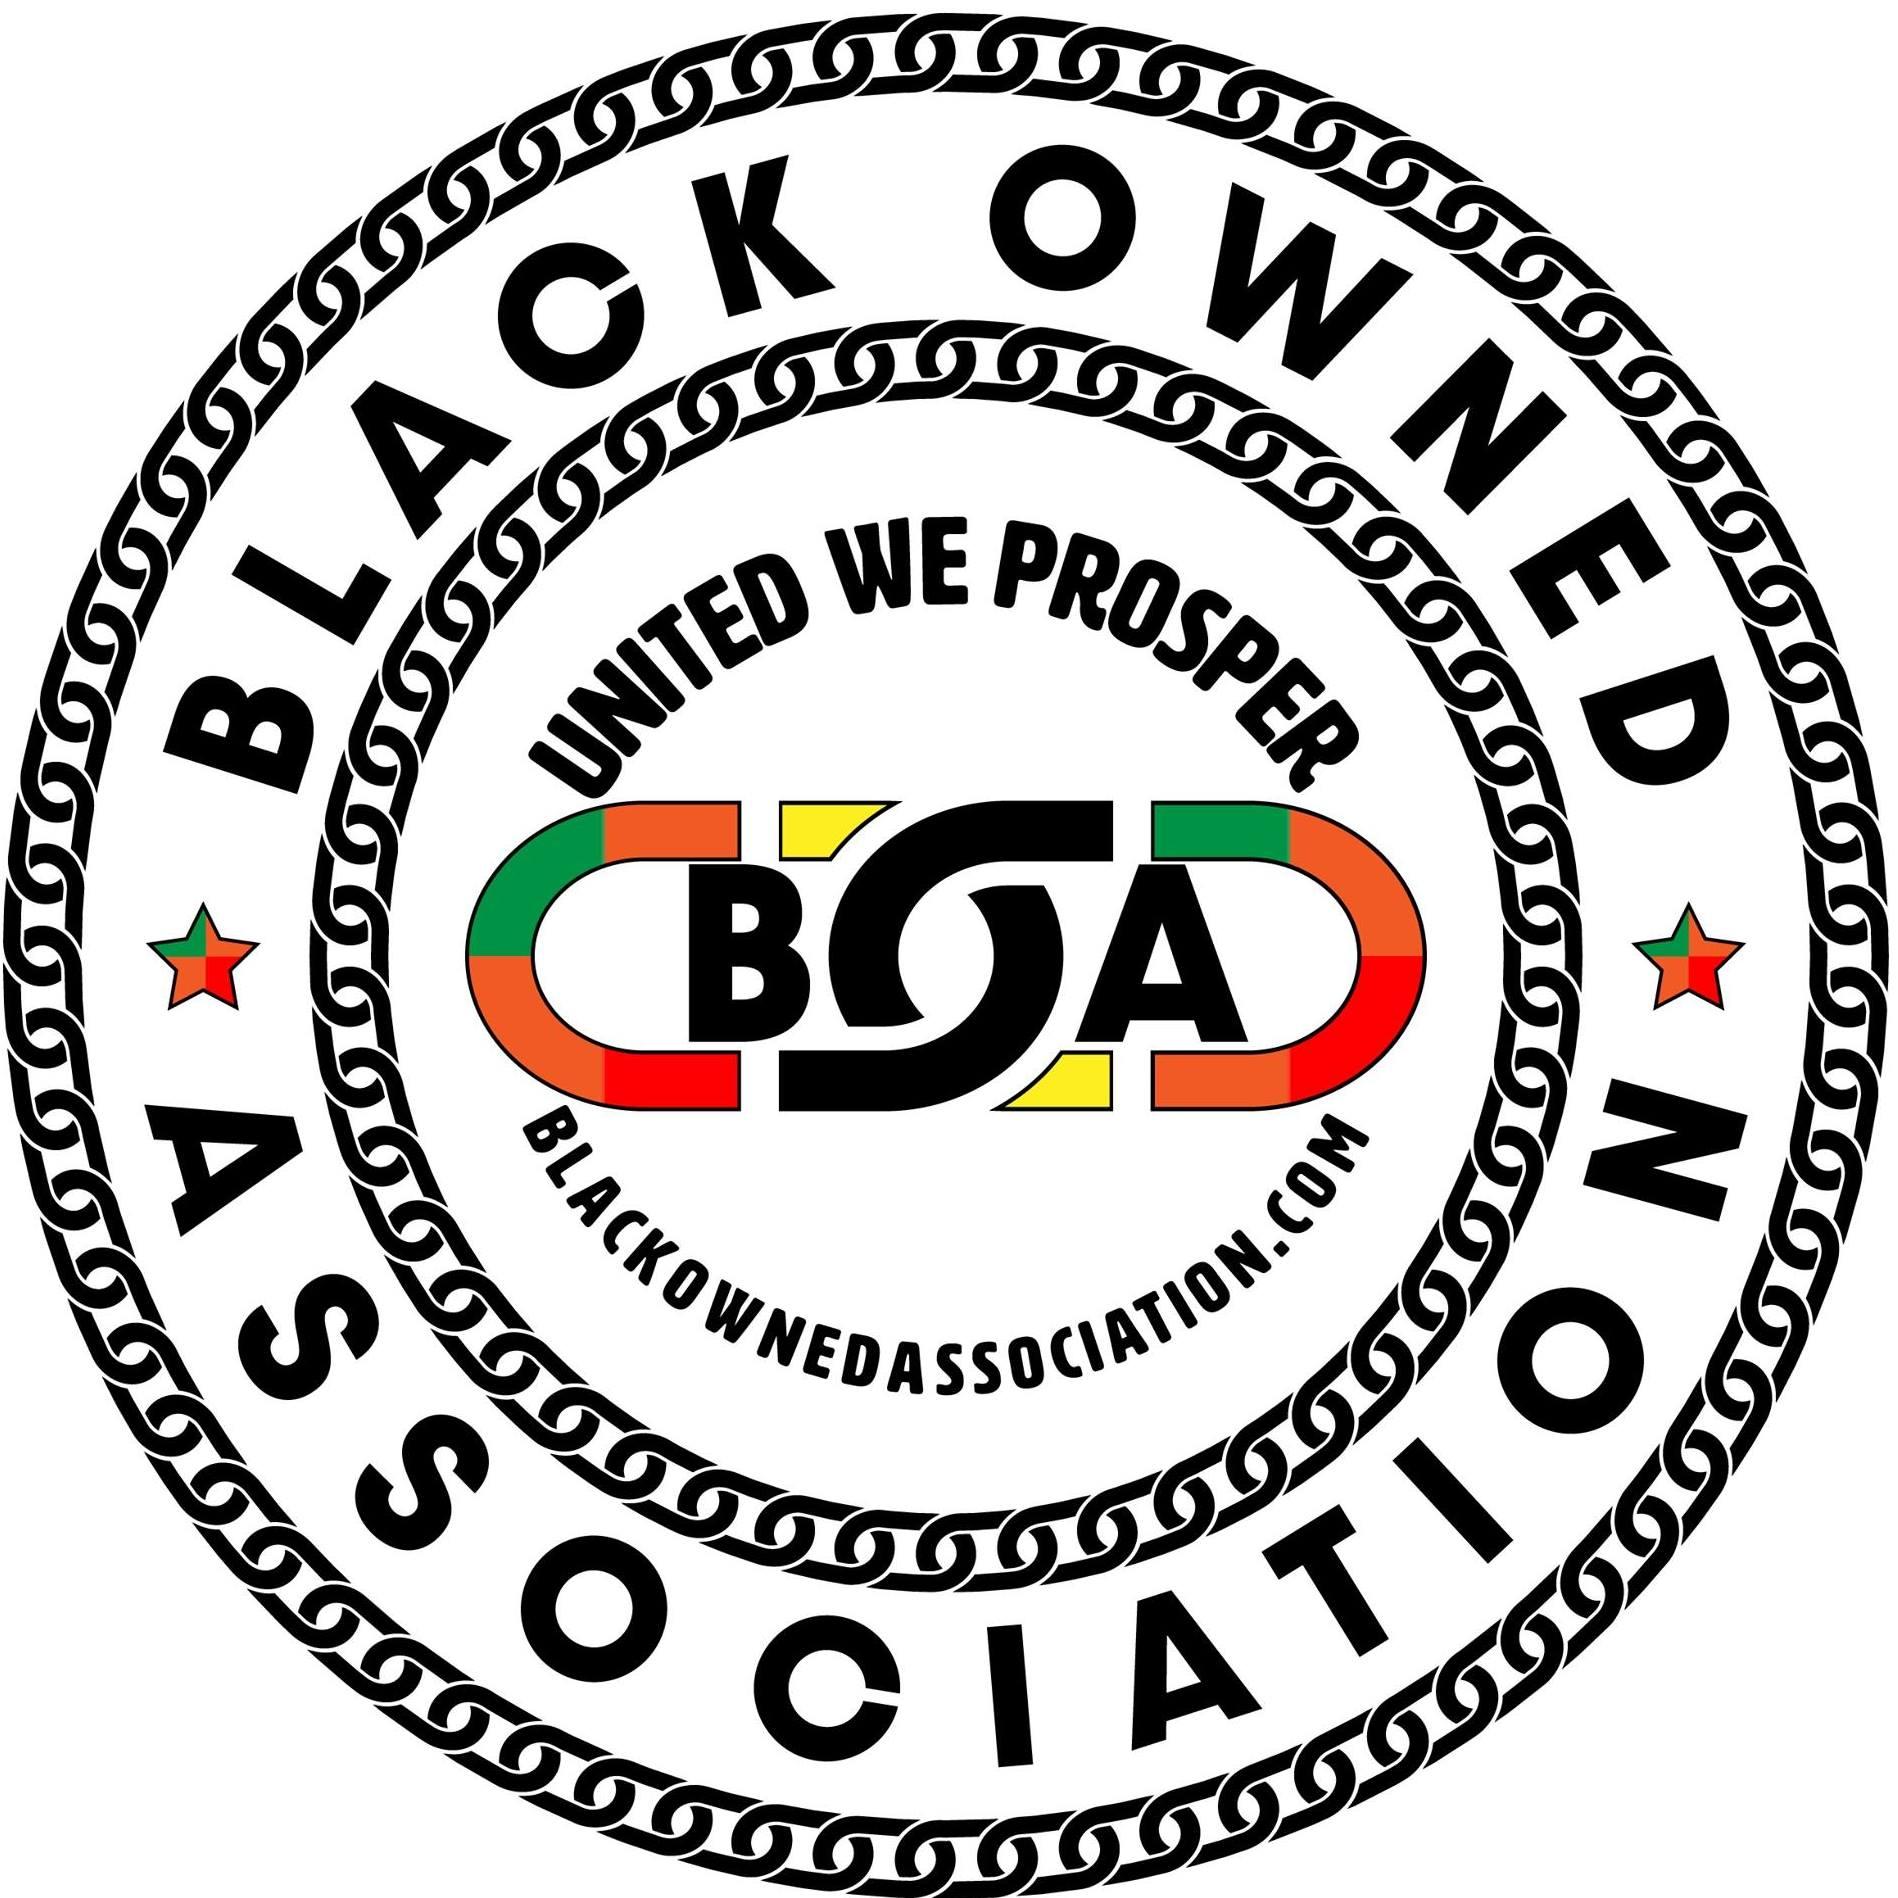 Black Owned Association - Black Owned